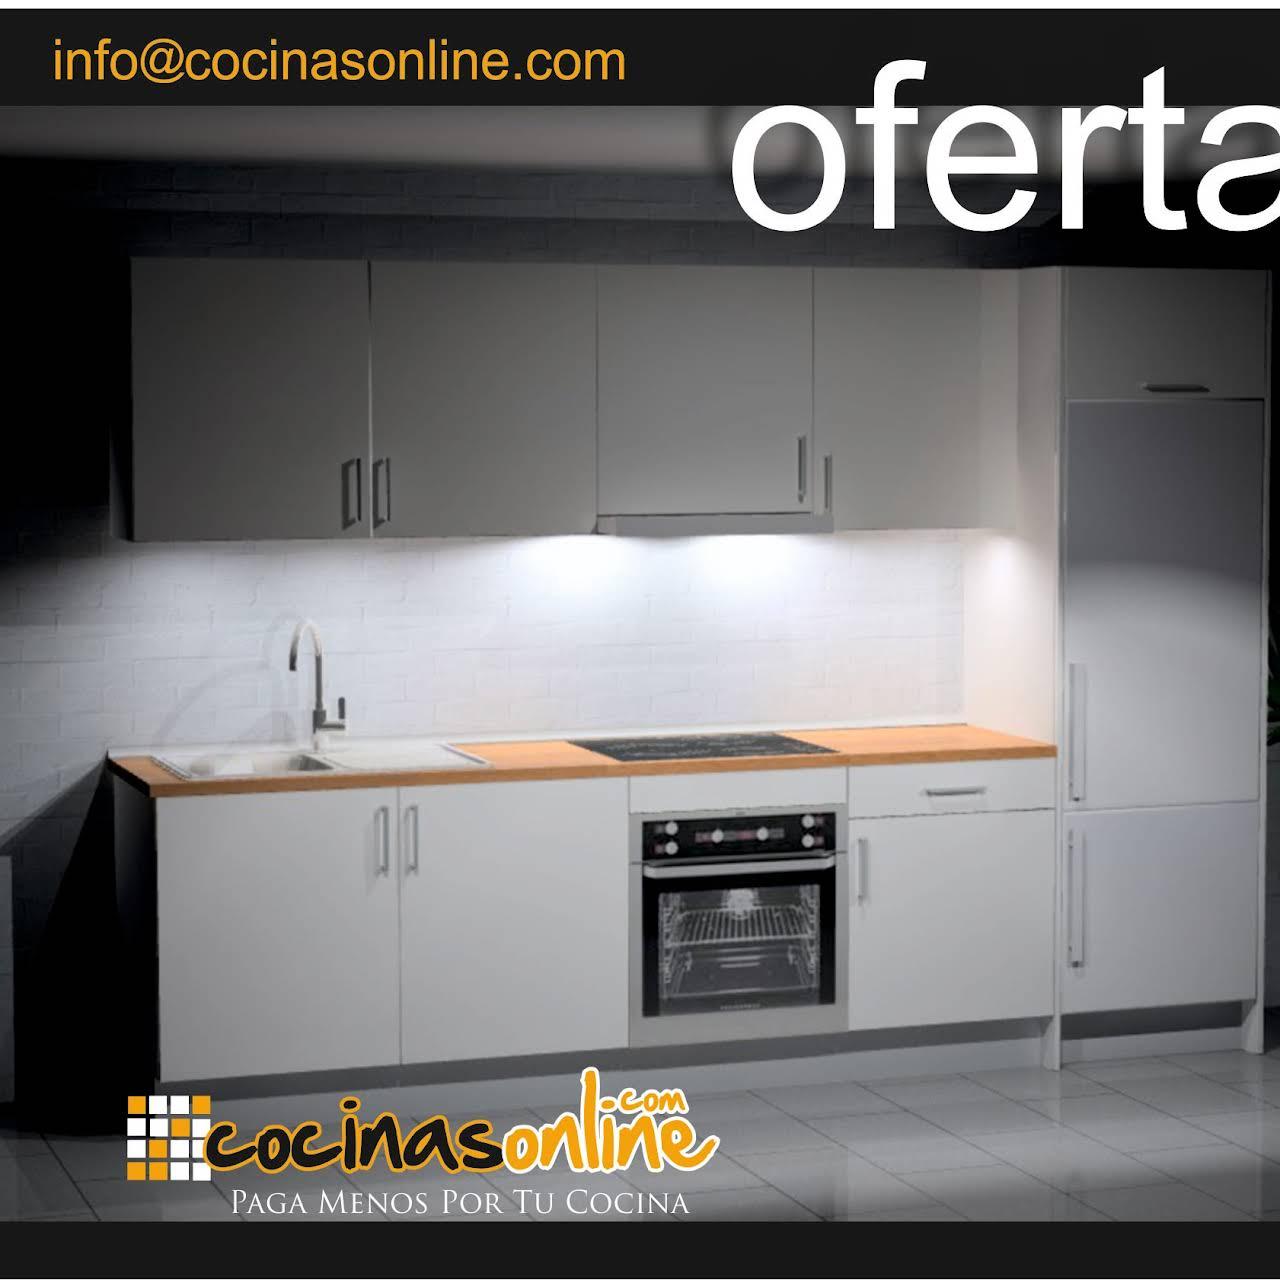 CocinasOnline - Tienda online de muebles de cocina